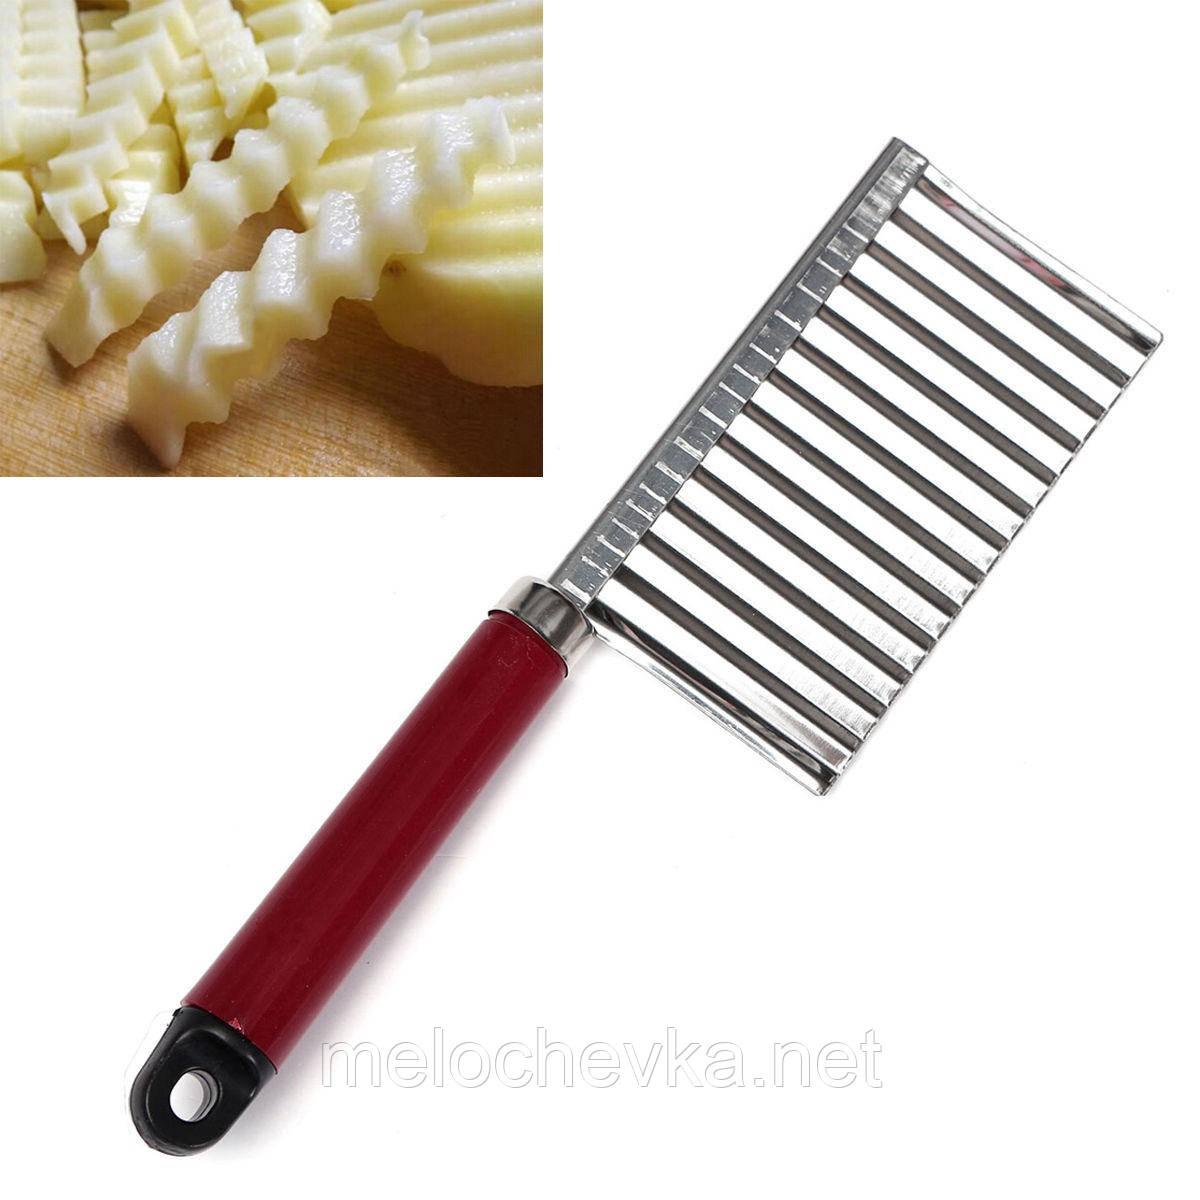 Кухонный ножик для нарезки сыра и овощей